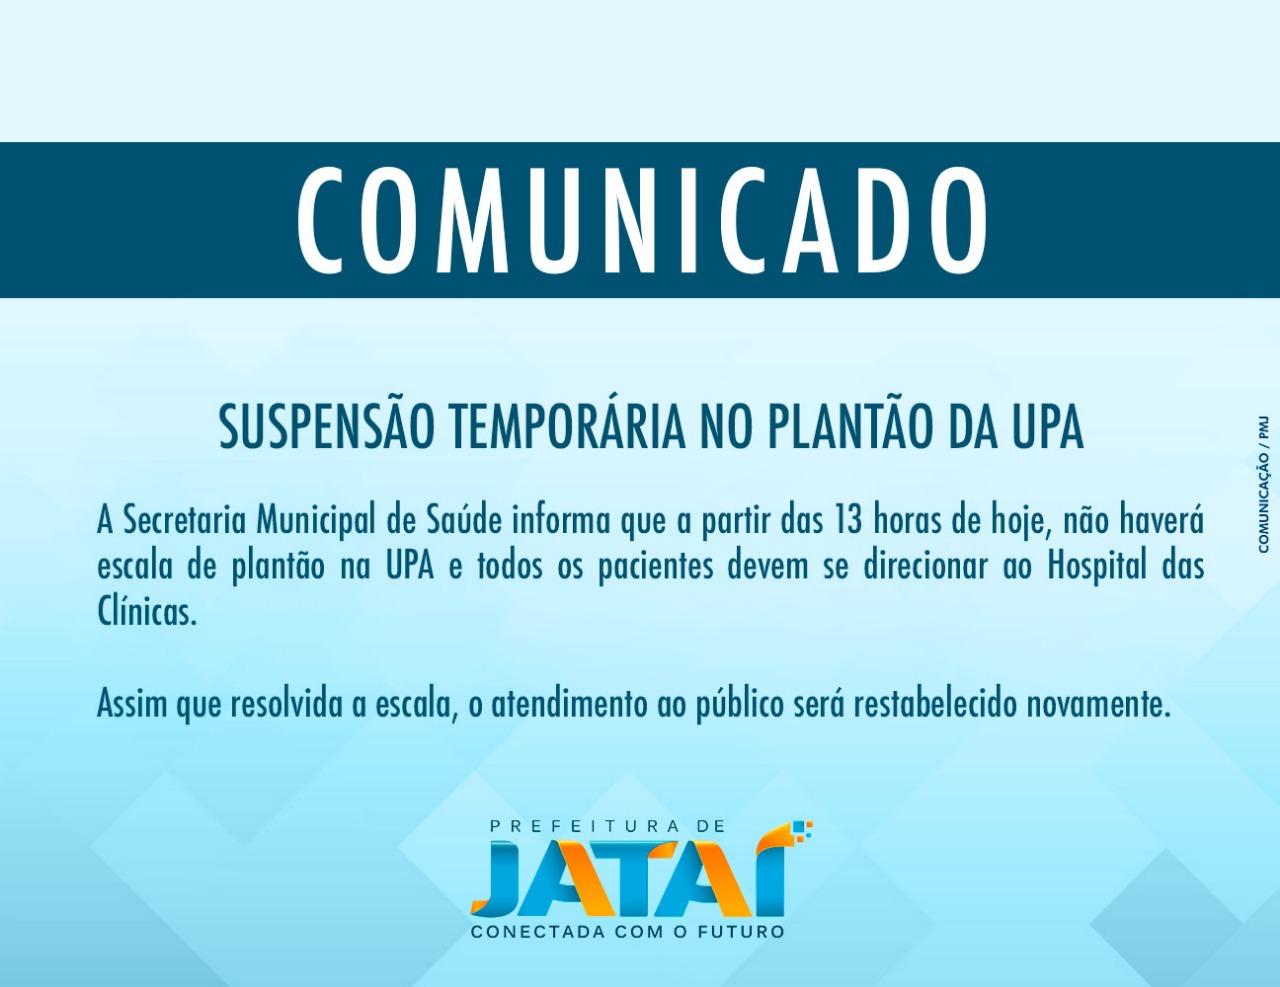 Comunicado Suspensão Temporária No Plantão Da Upa